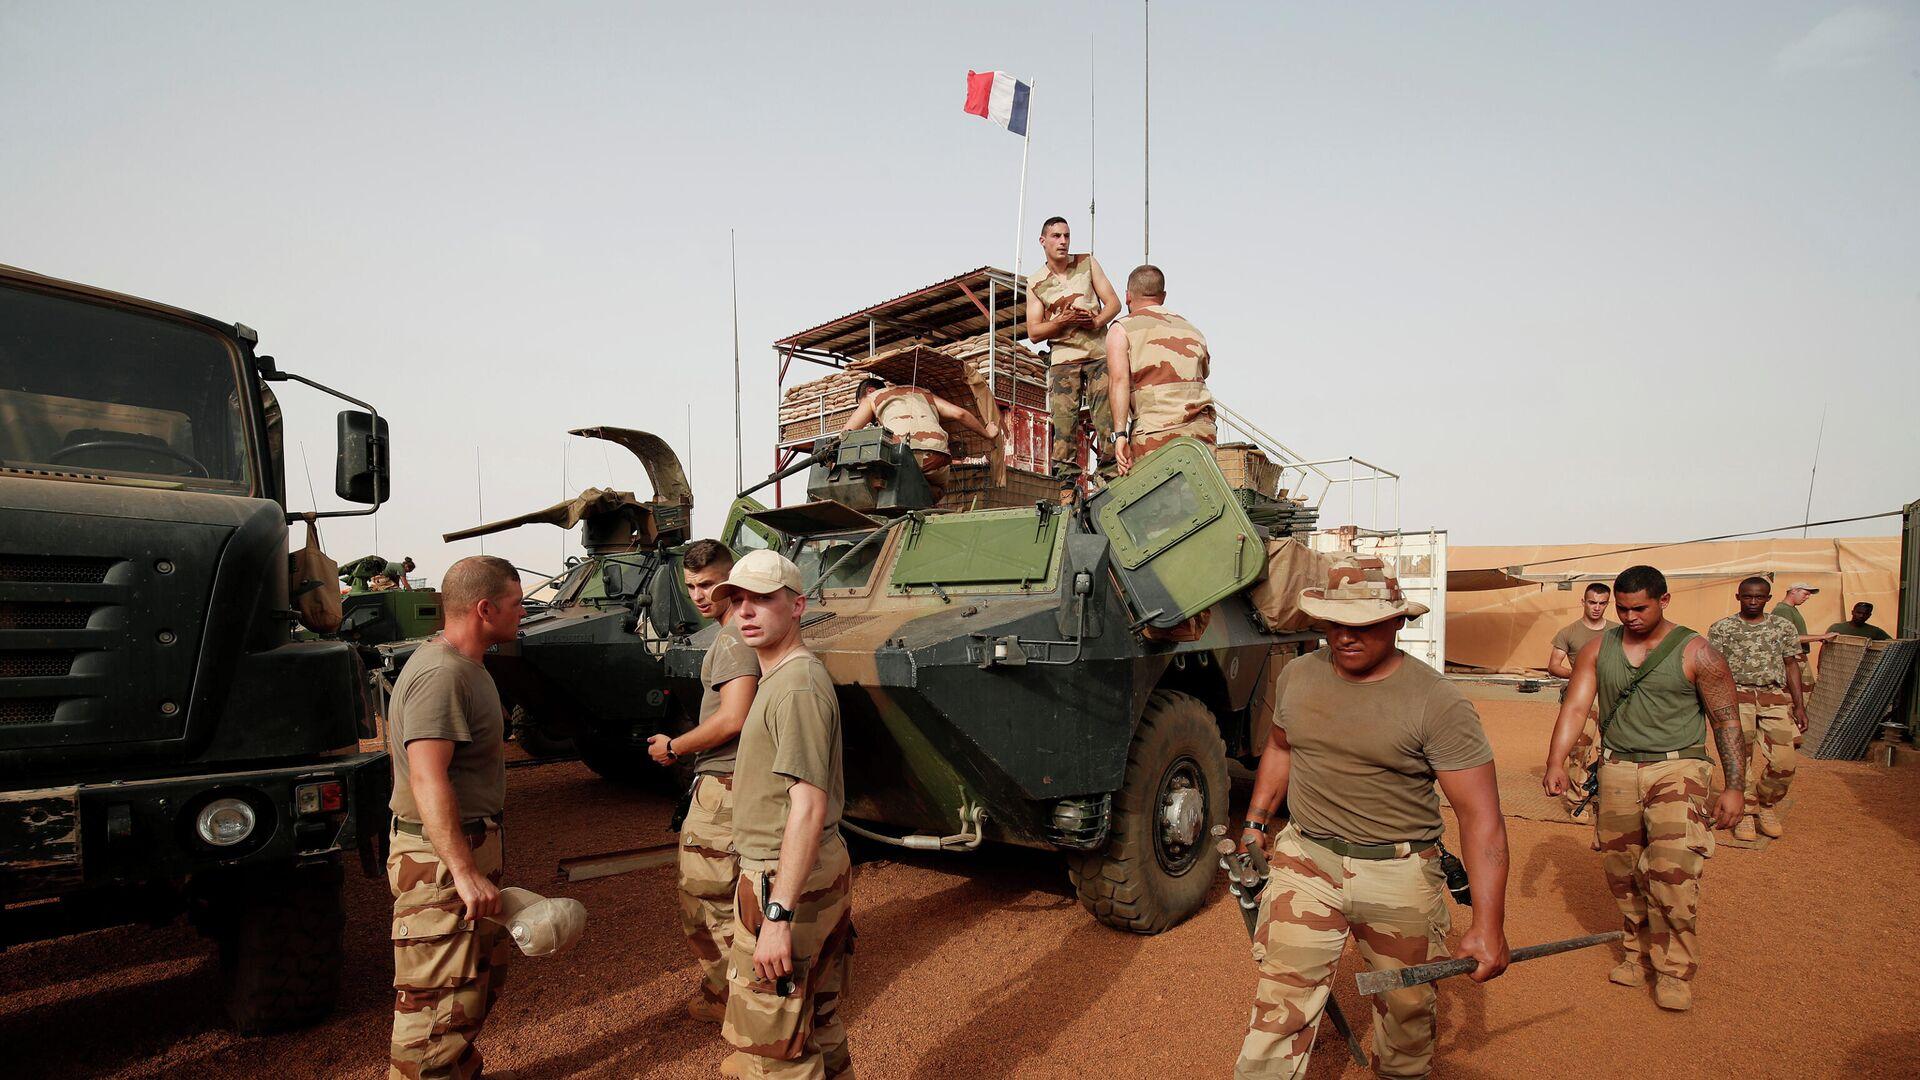 Французские военнослужащие во время антитеррористической операции Бархан в Западной Африке - РИА Новости, 1920, 06.11.2019